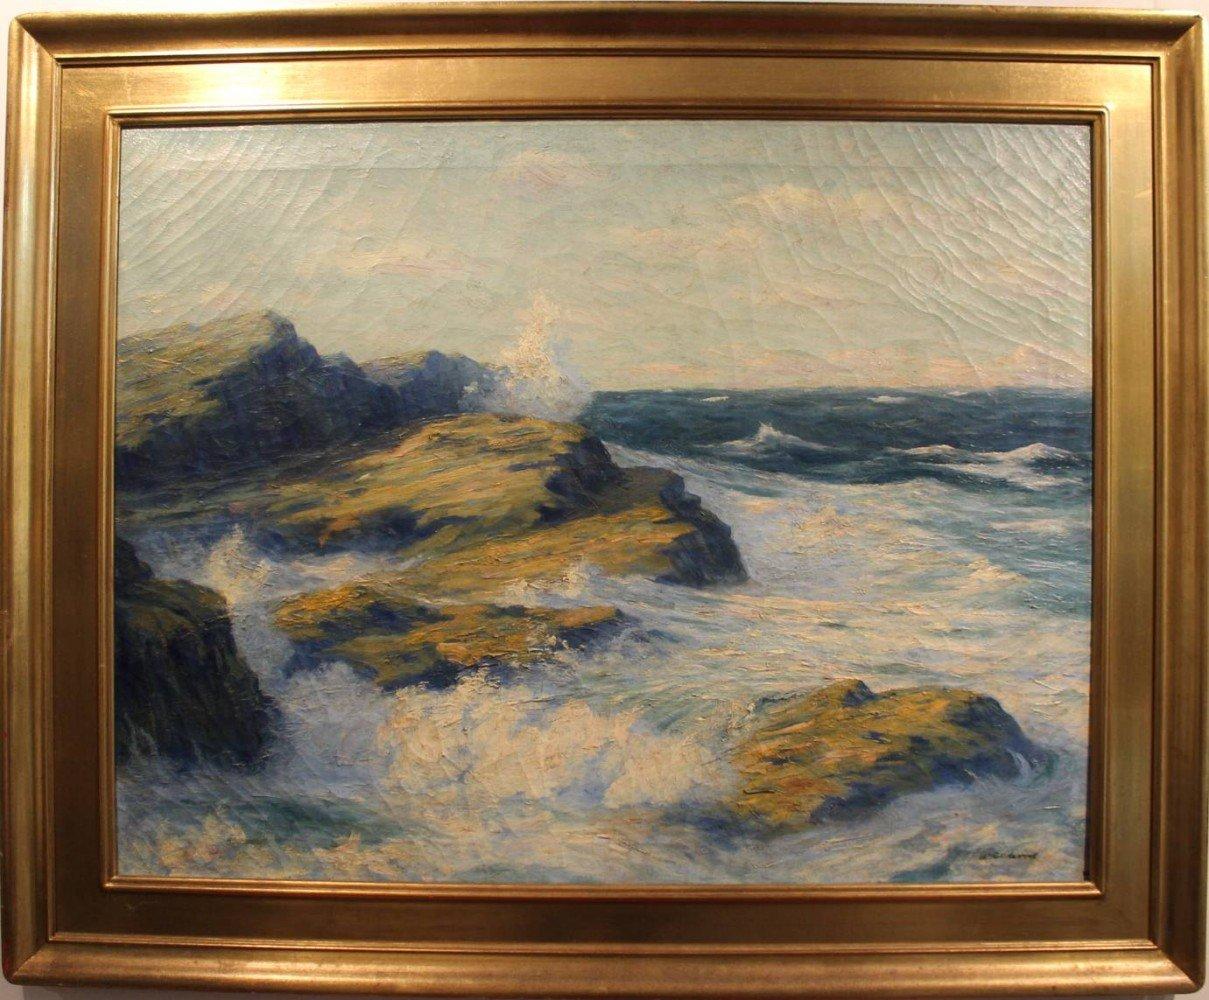 Crashing Surf by William Reuben Clark Wood